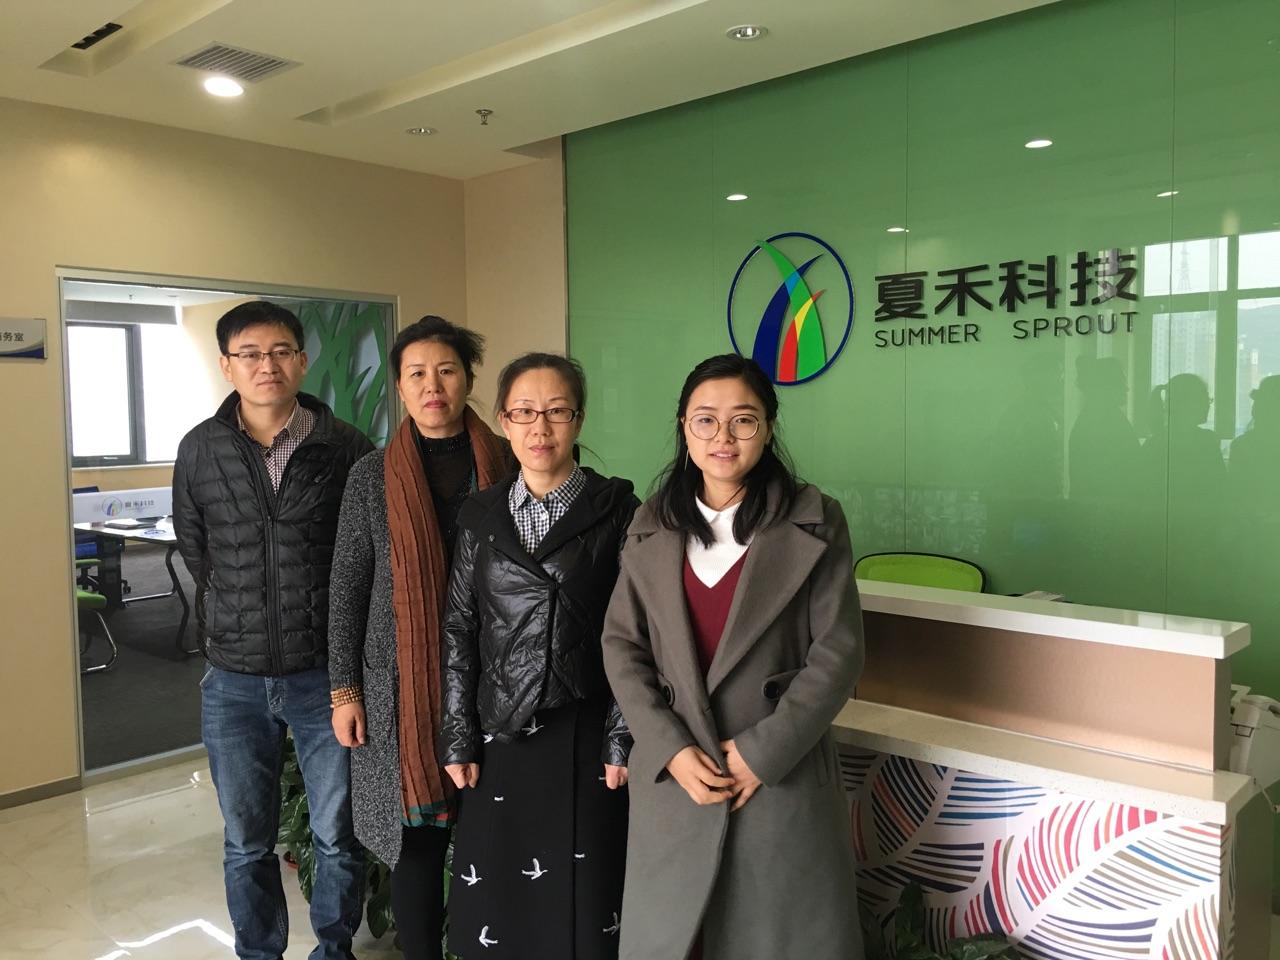 热烈祝贺北京夏禾科技有限公司获得航星认证三体系管理体系认证证书